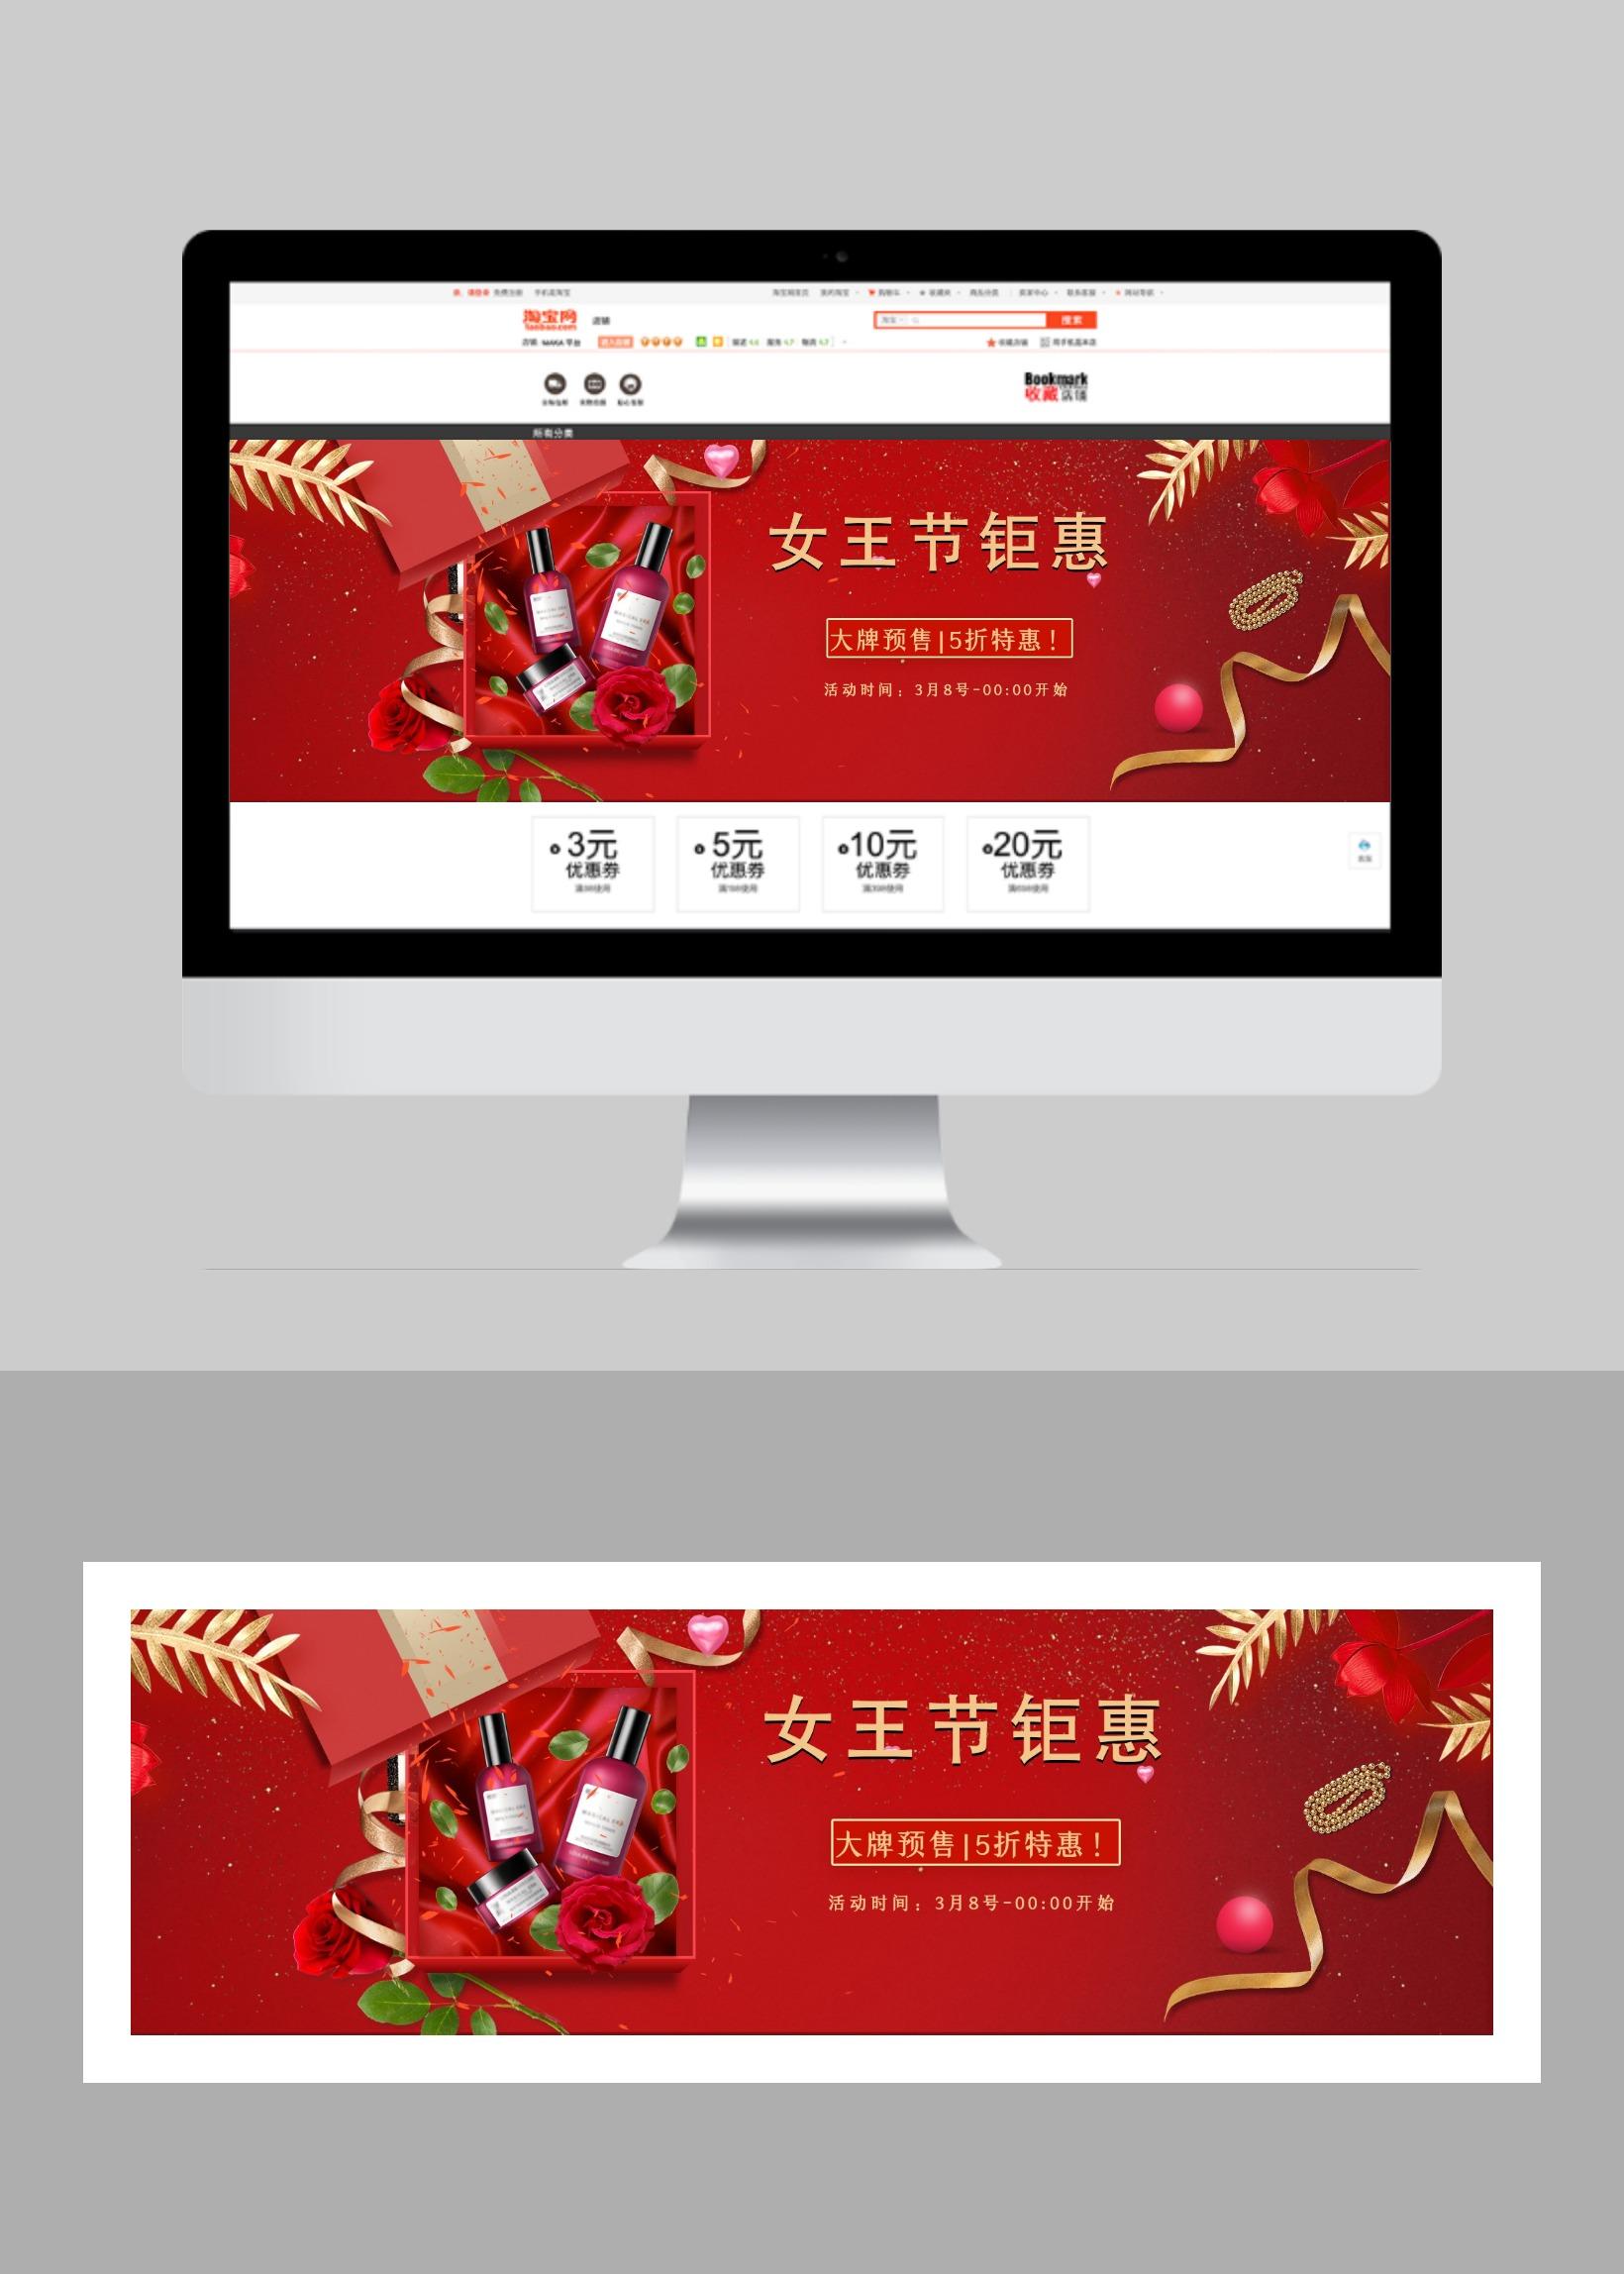 女王节炫酷时尚化妆品护肤品产品促销宣电商banner